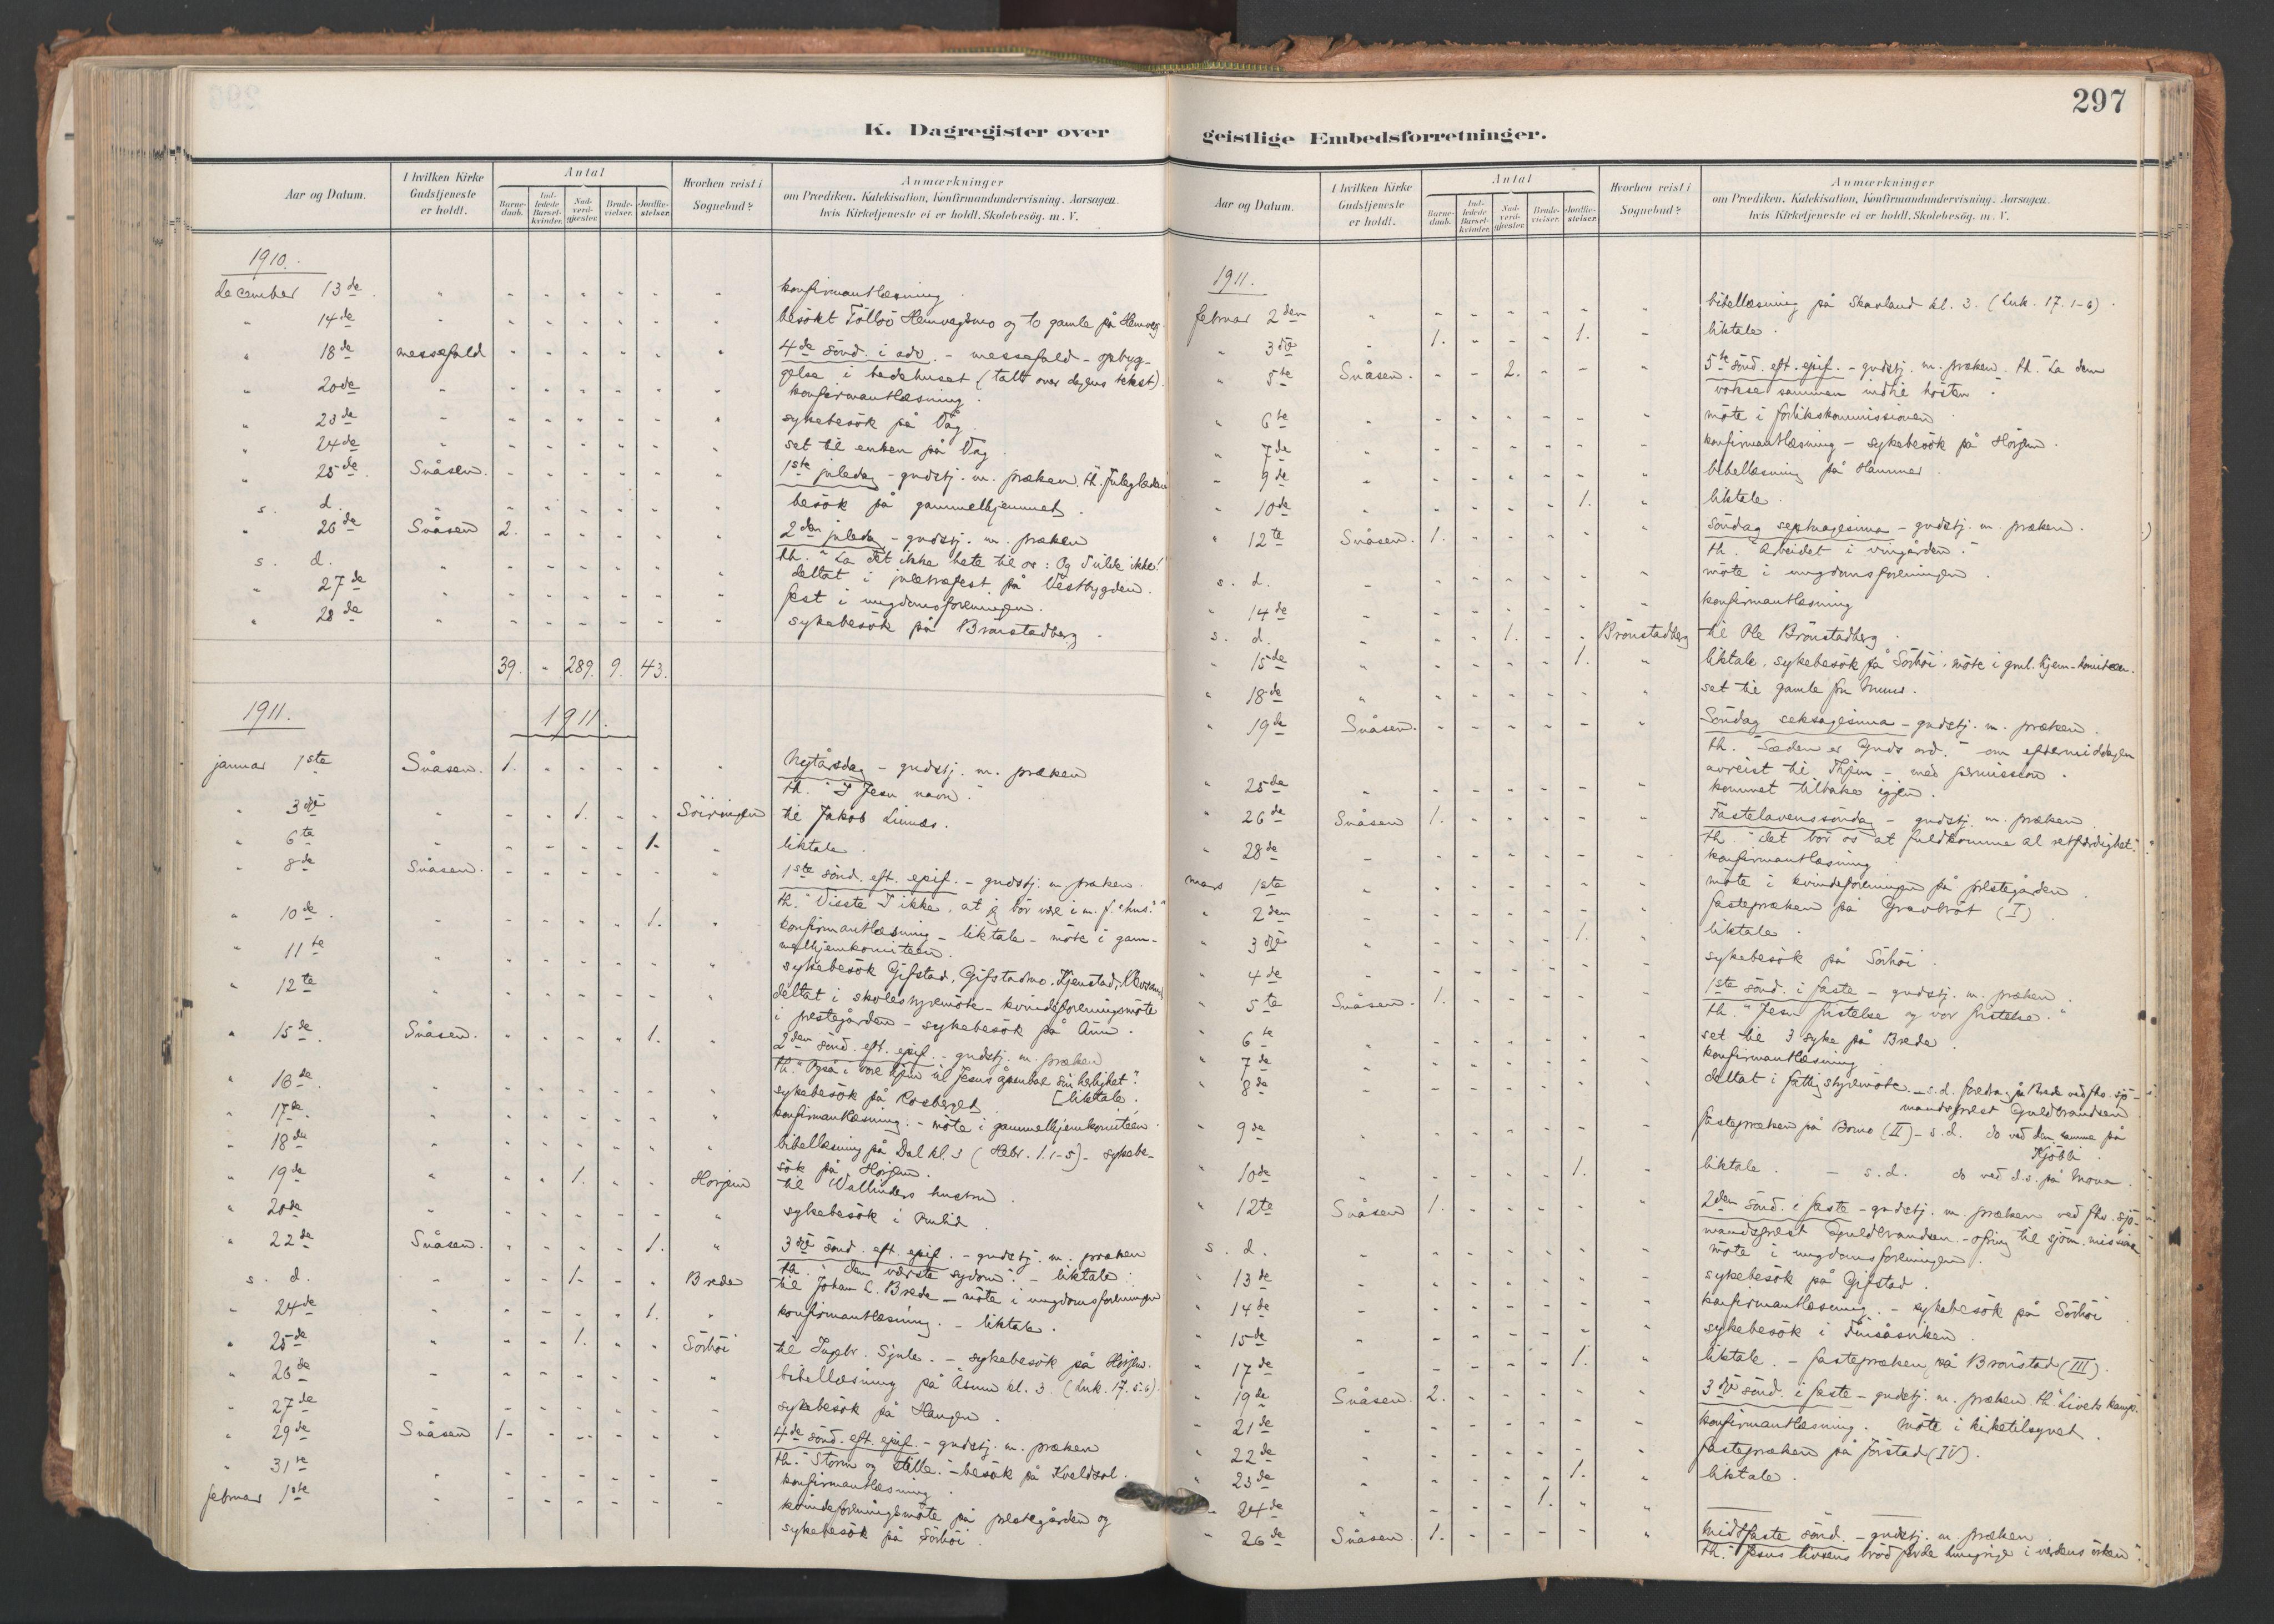 SAT, Ministerialprotokoller, klokkerbøker og fødselsregistre - Nord-Trøndelag, 749/L0477: Ministerialbok nr. 749A11, 1902-1927, s. 297